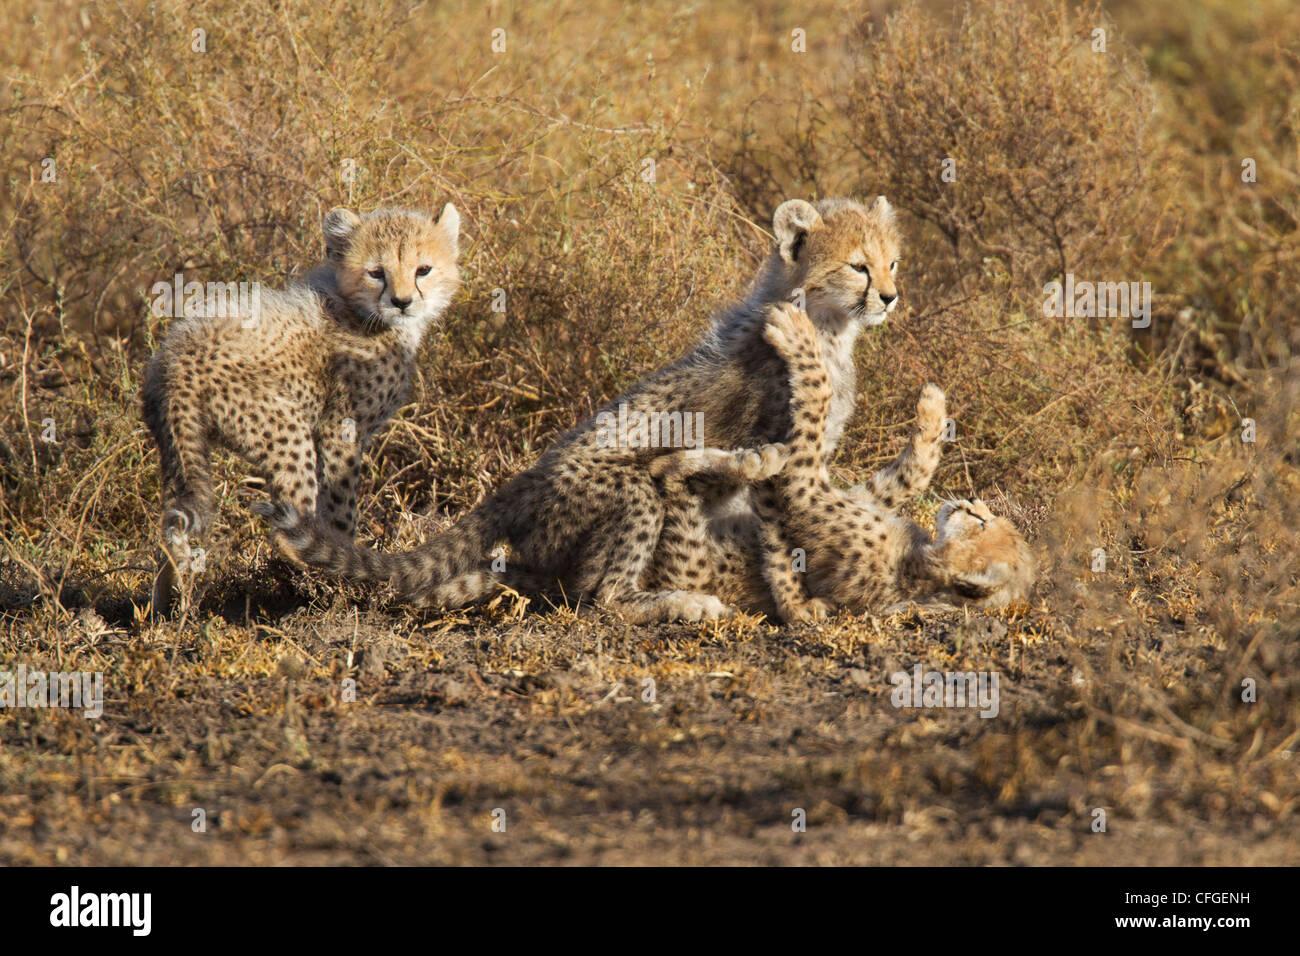 Cheetah clubs at play - Stock Image